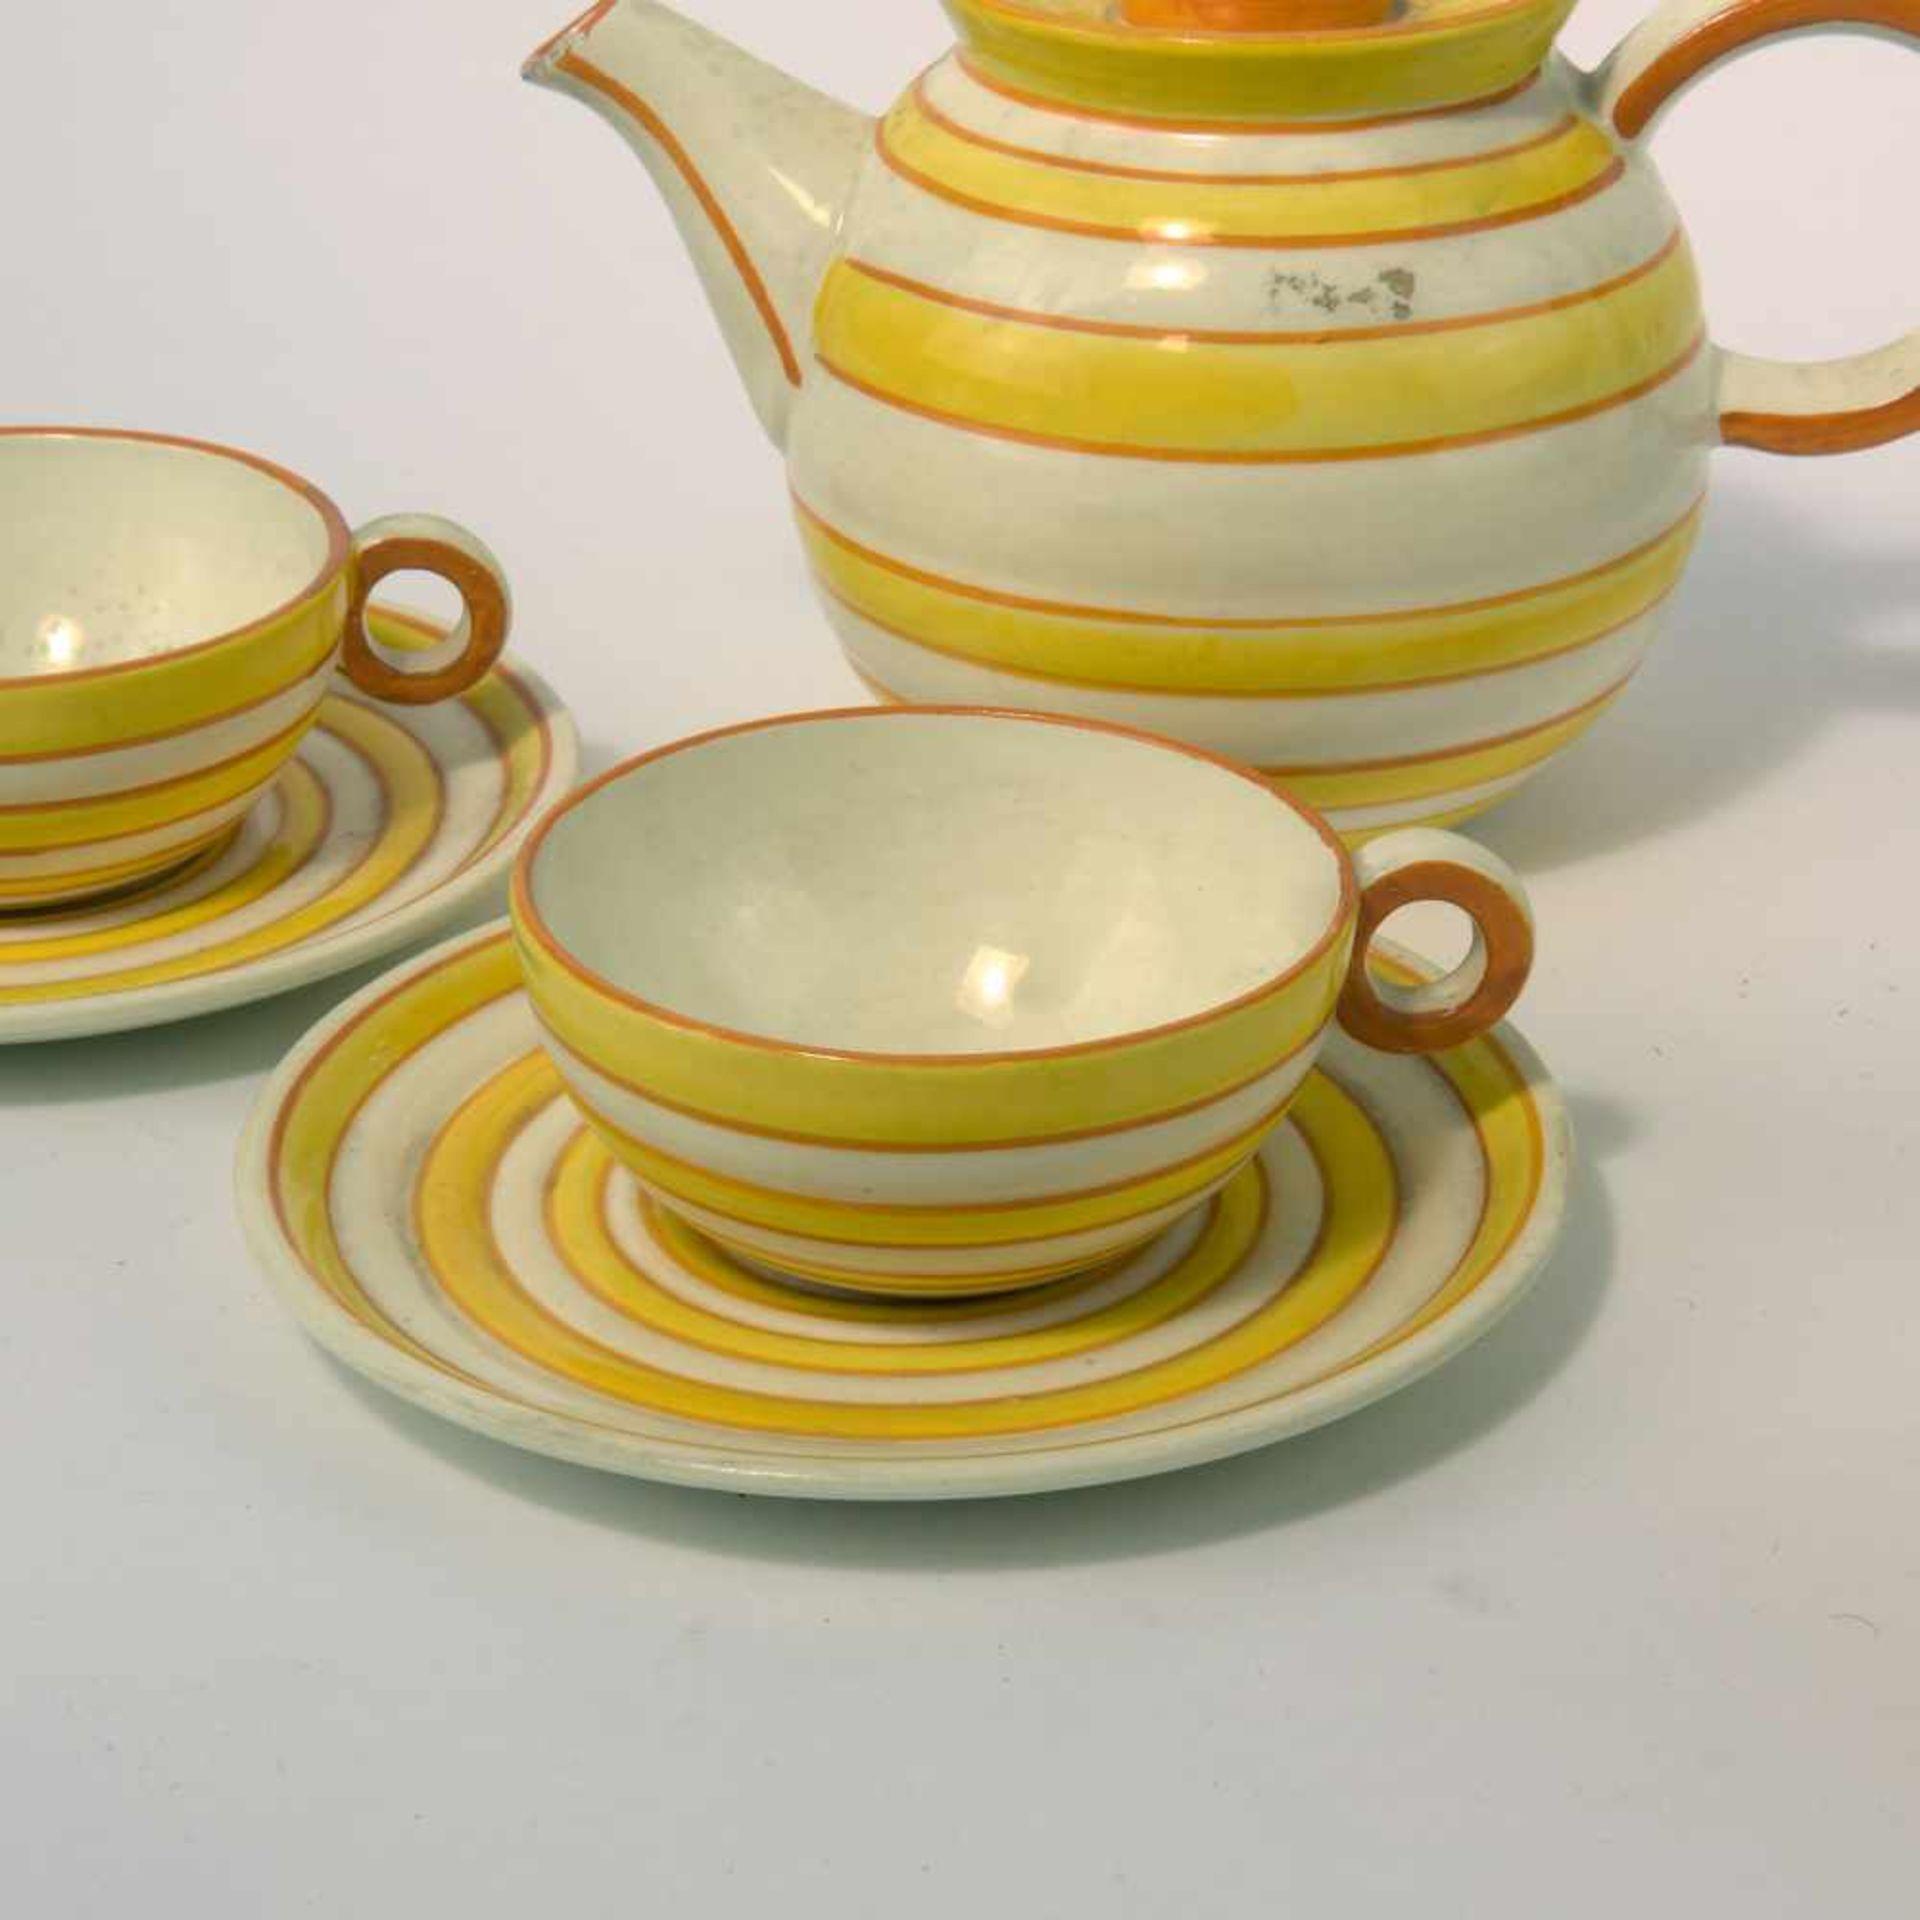 Eva Zeisel-Stricker Teeservice, um 1928 Sechs Teile. Teekanne: H. 12,7 cm; Milchkanne: H. 7,5 cm; - Bild 3 aus 6